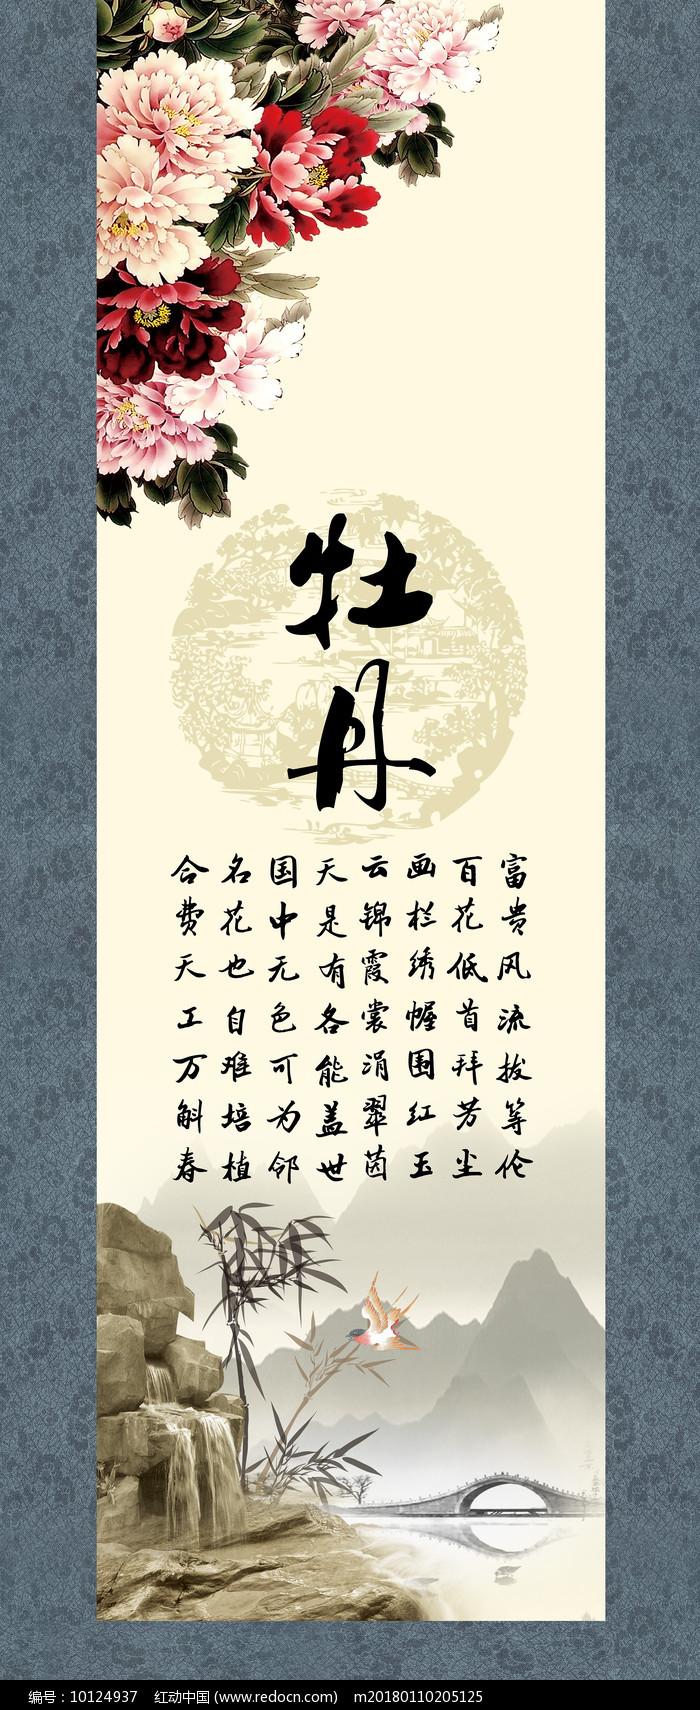 中国风工笔画牡丹花玄关图片